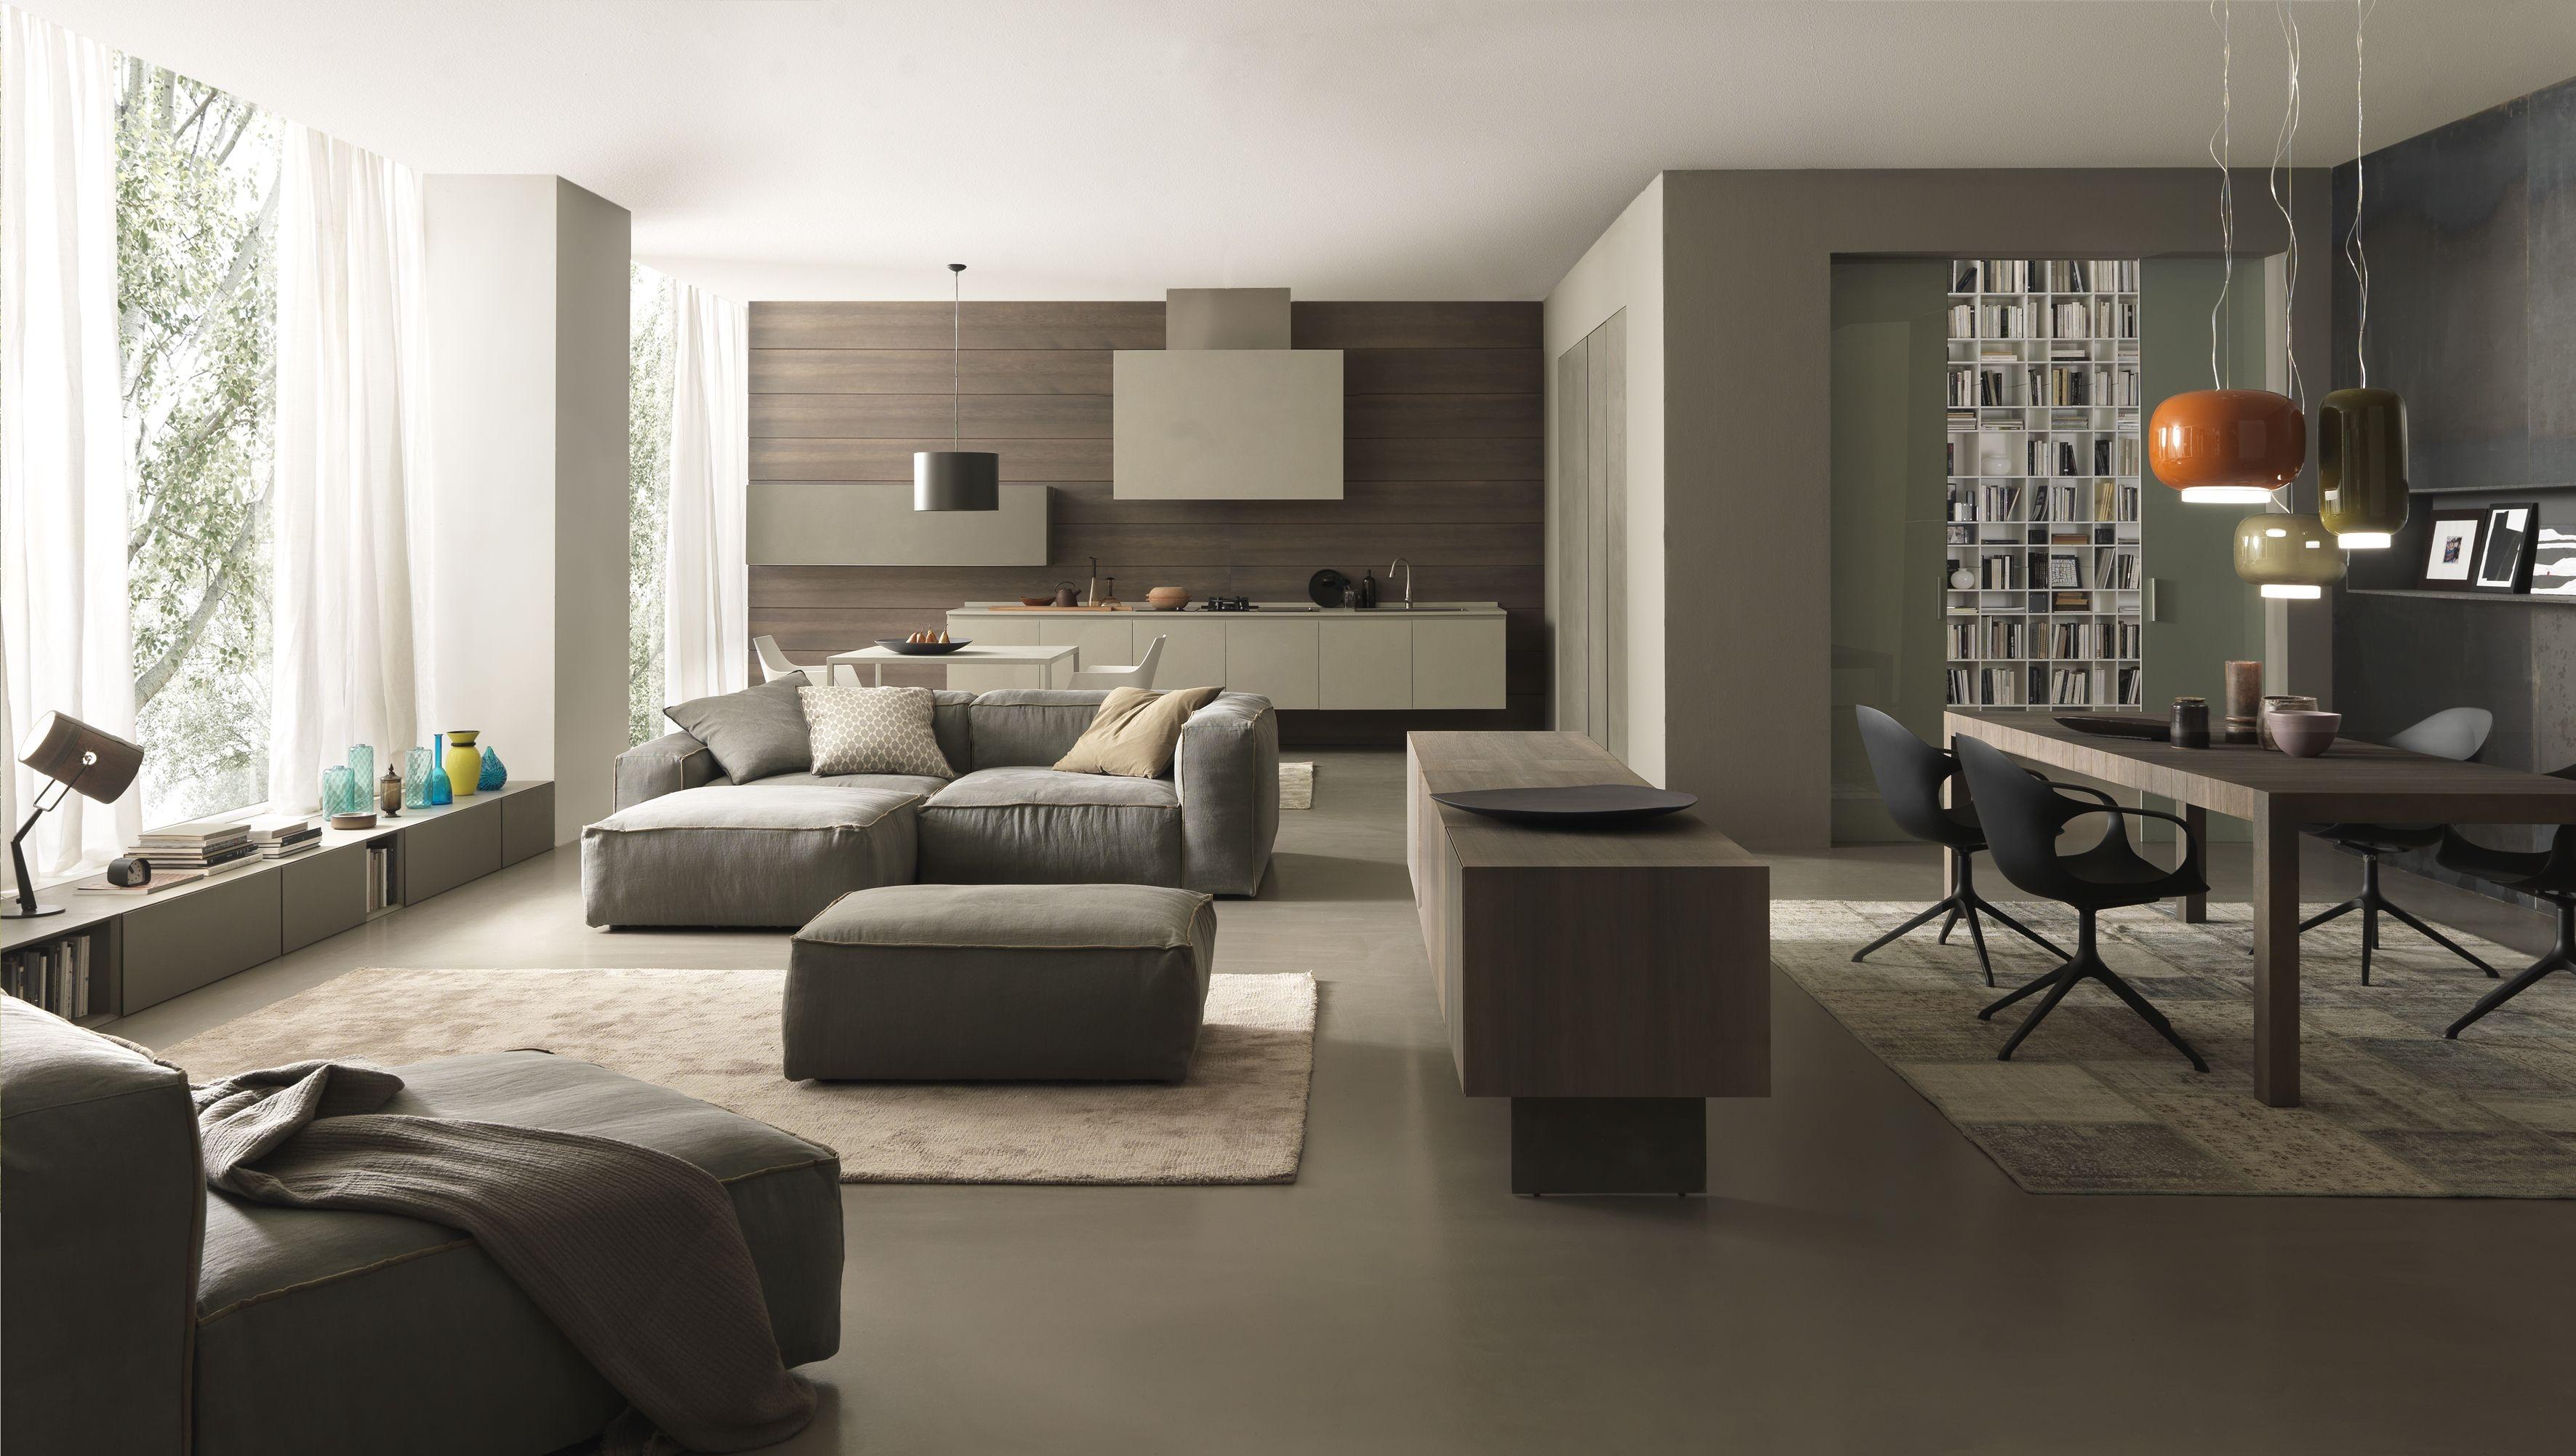 Progettazione arredamento di interni a genova arte in for Arredamento moderno casa